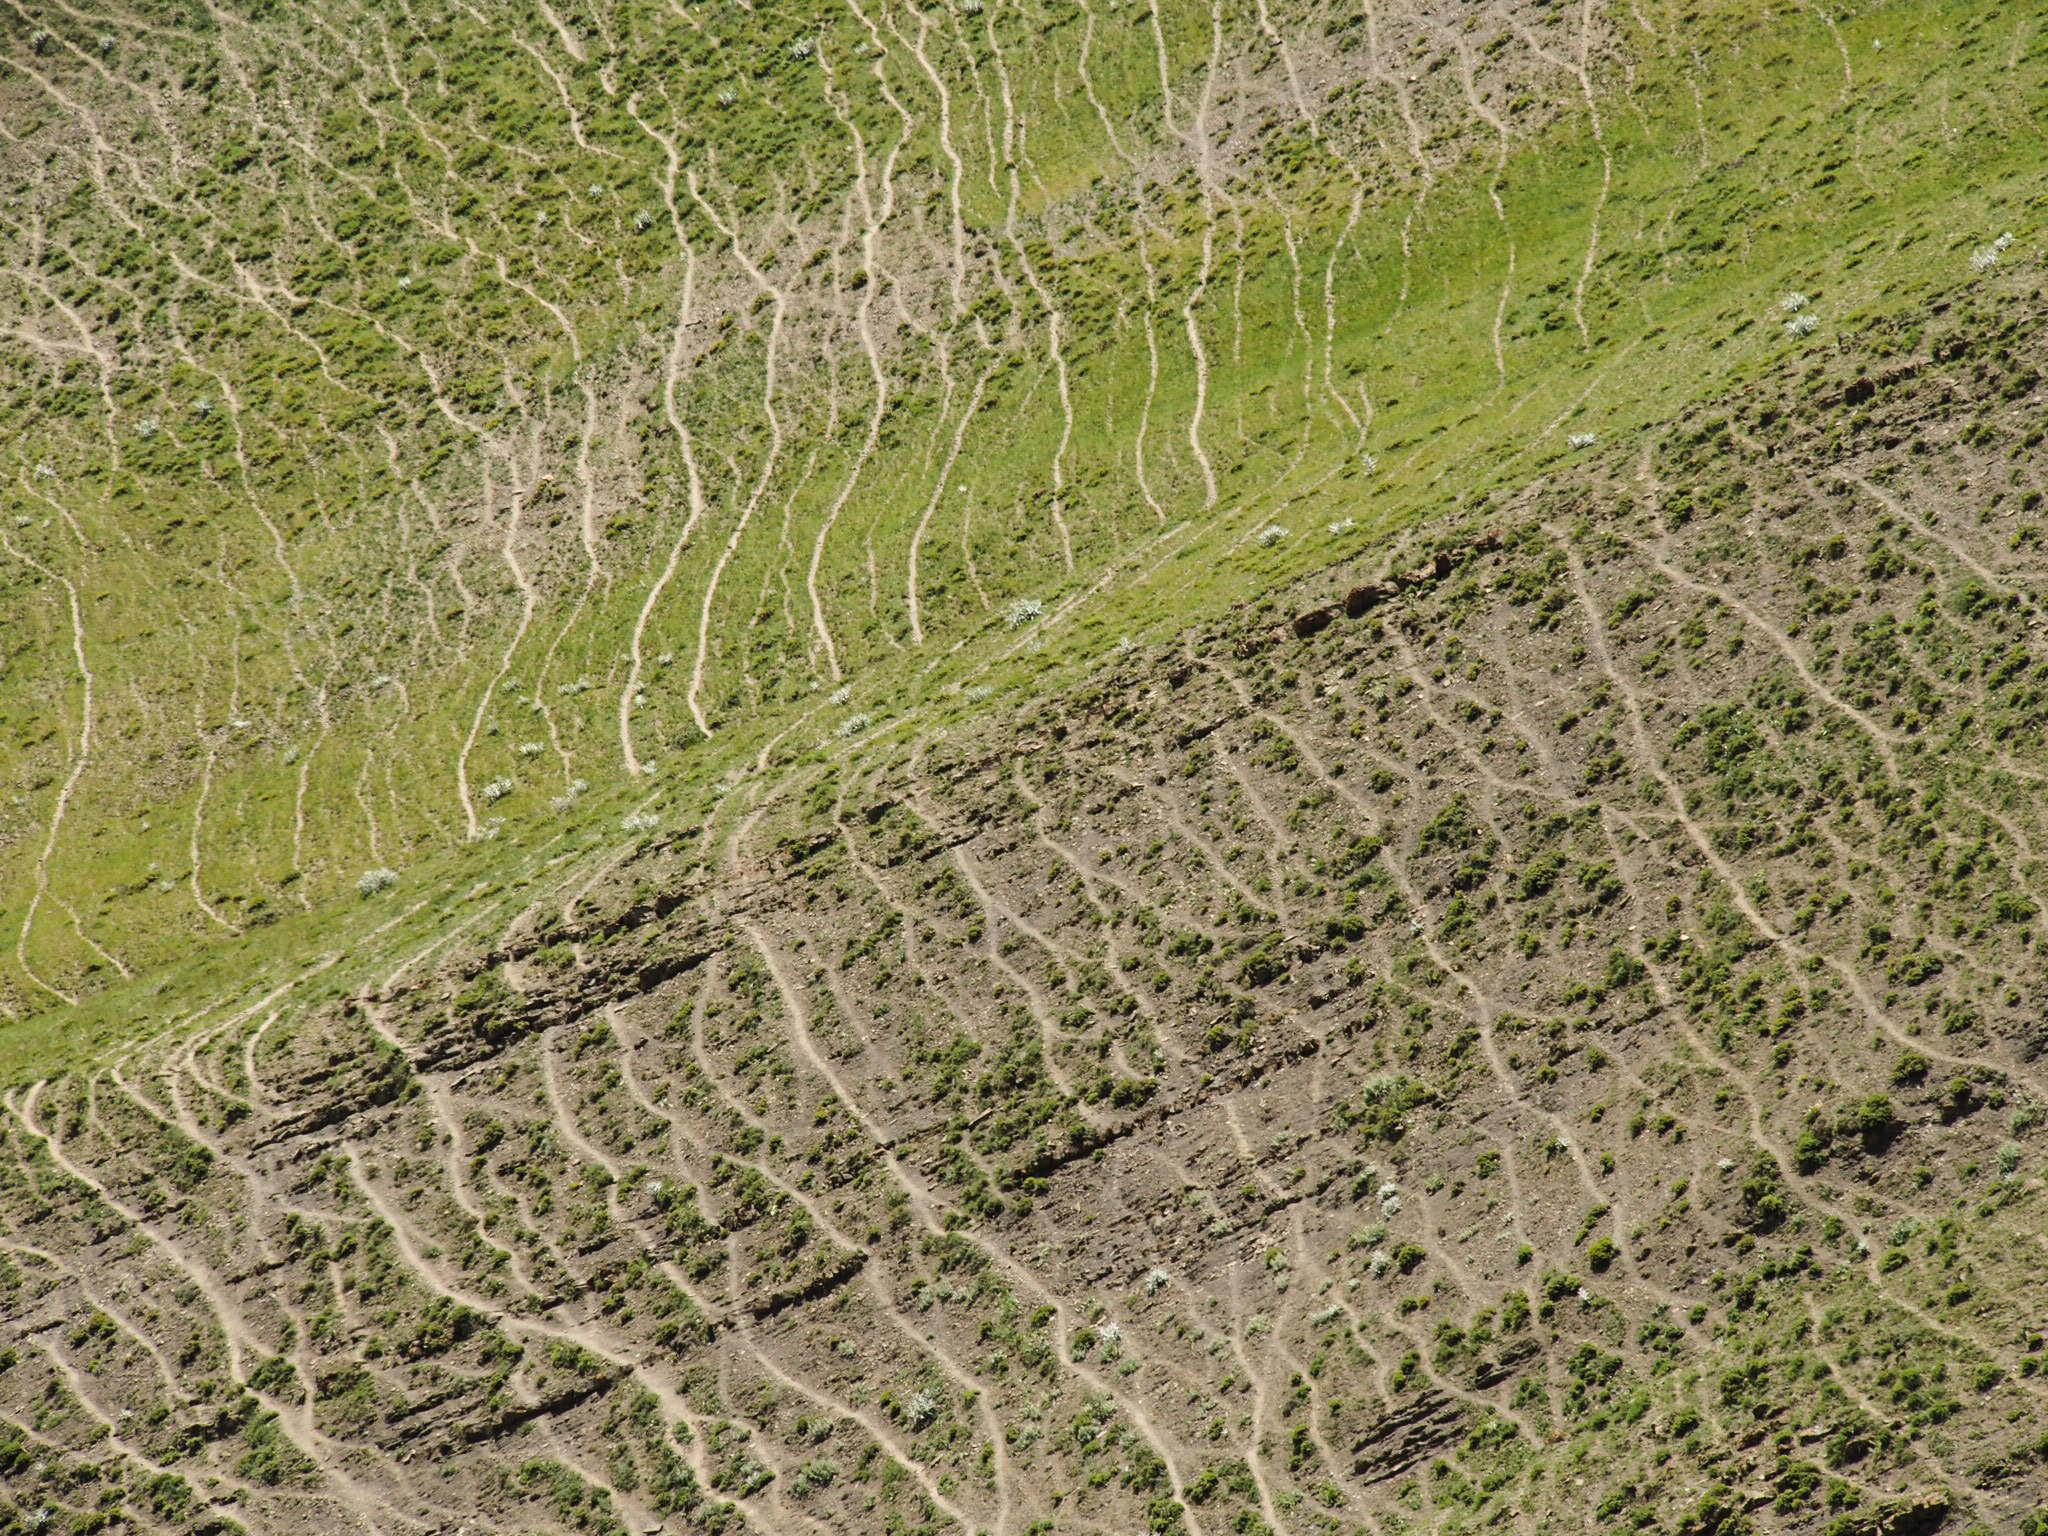 cattle-track-xınalıq-azerbaijan.jpg